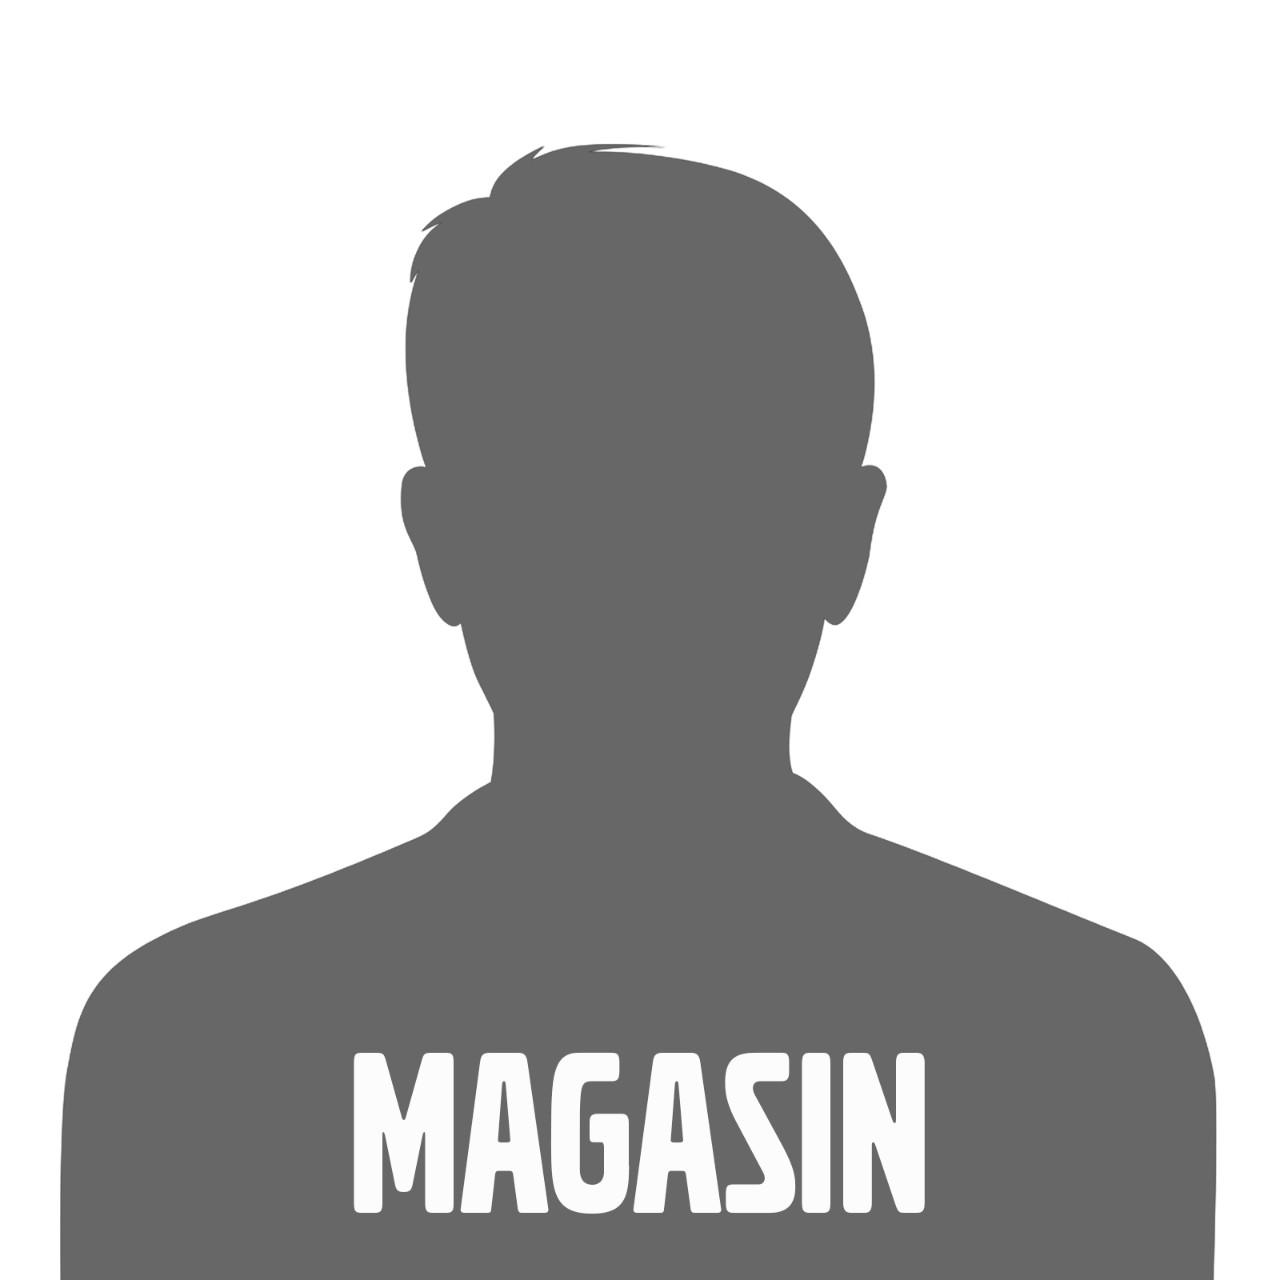 Magasinier